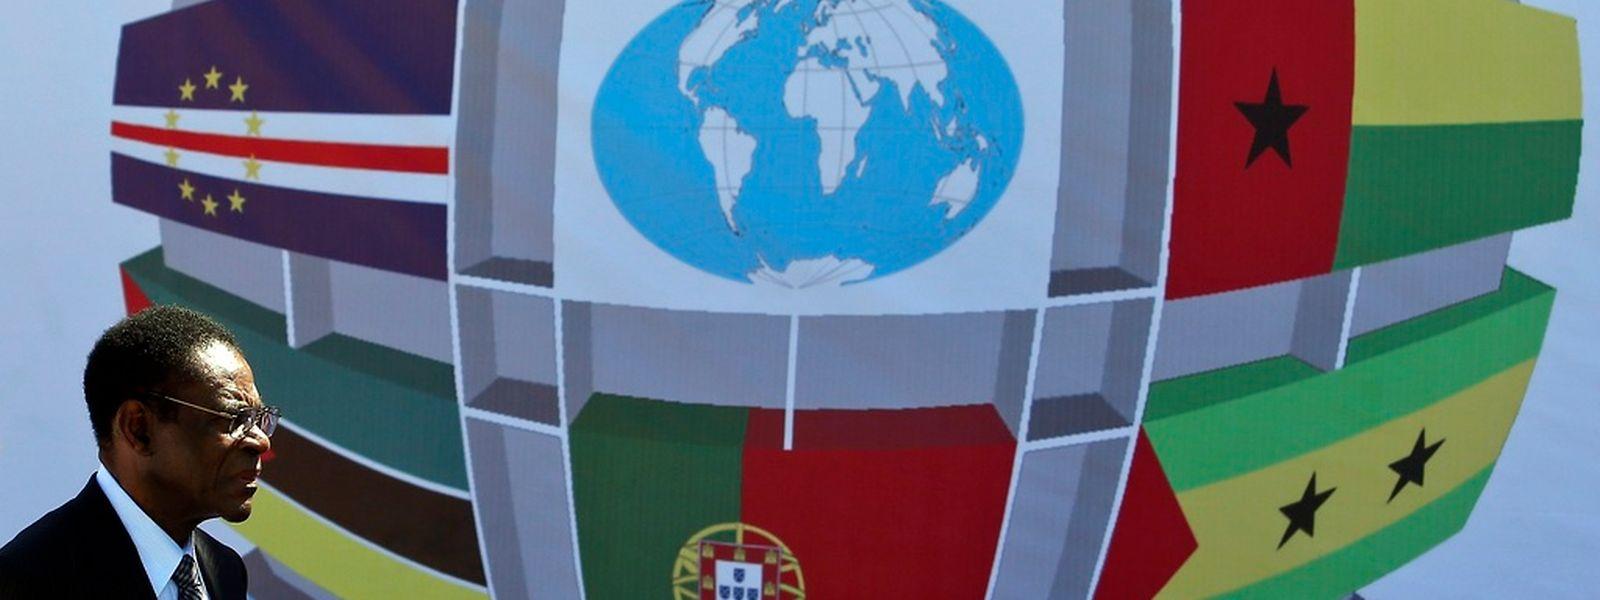 O presidente da Guiné Equatorial, Teodoro Obiang passa junto de um painel com bandeiras dos países da CPLP, no final da cerimónia de abertura da  X Conferência de Chefes de Estado e de Governo da Comunidade dos Países de Língua Portuguesa (CPLP), onde foi chamado para a tribuna junto dos restantes estados-membros, em Díli, Timor Leste